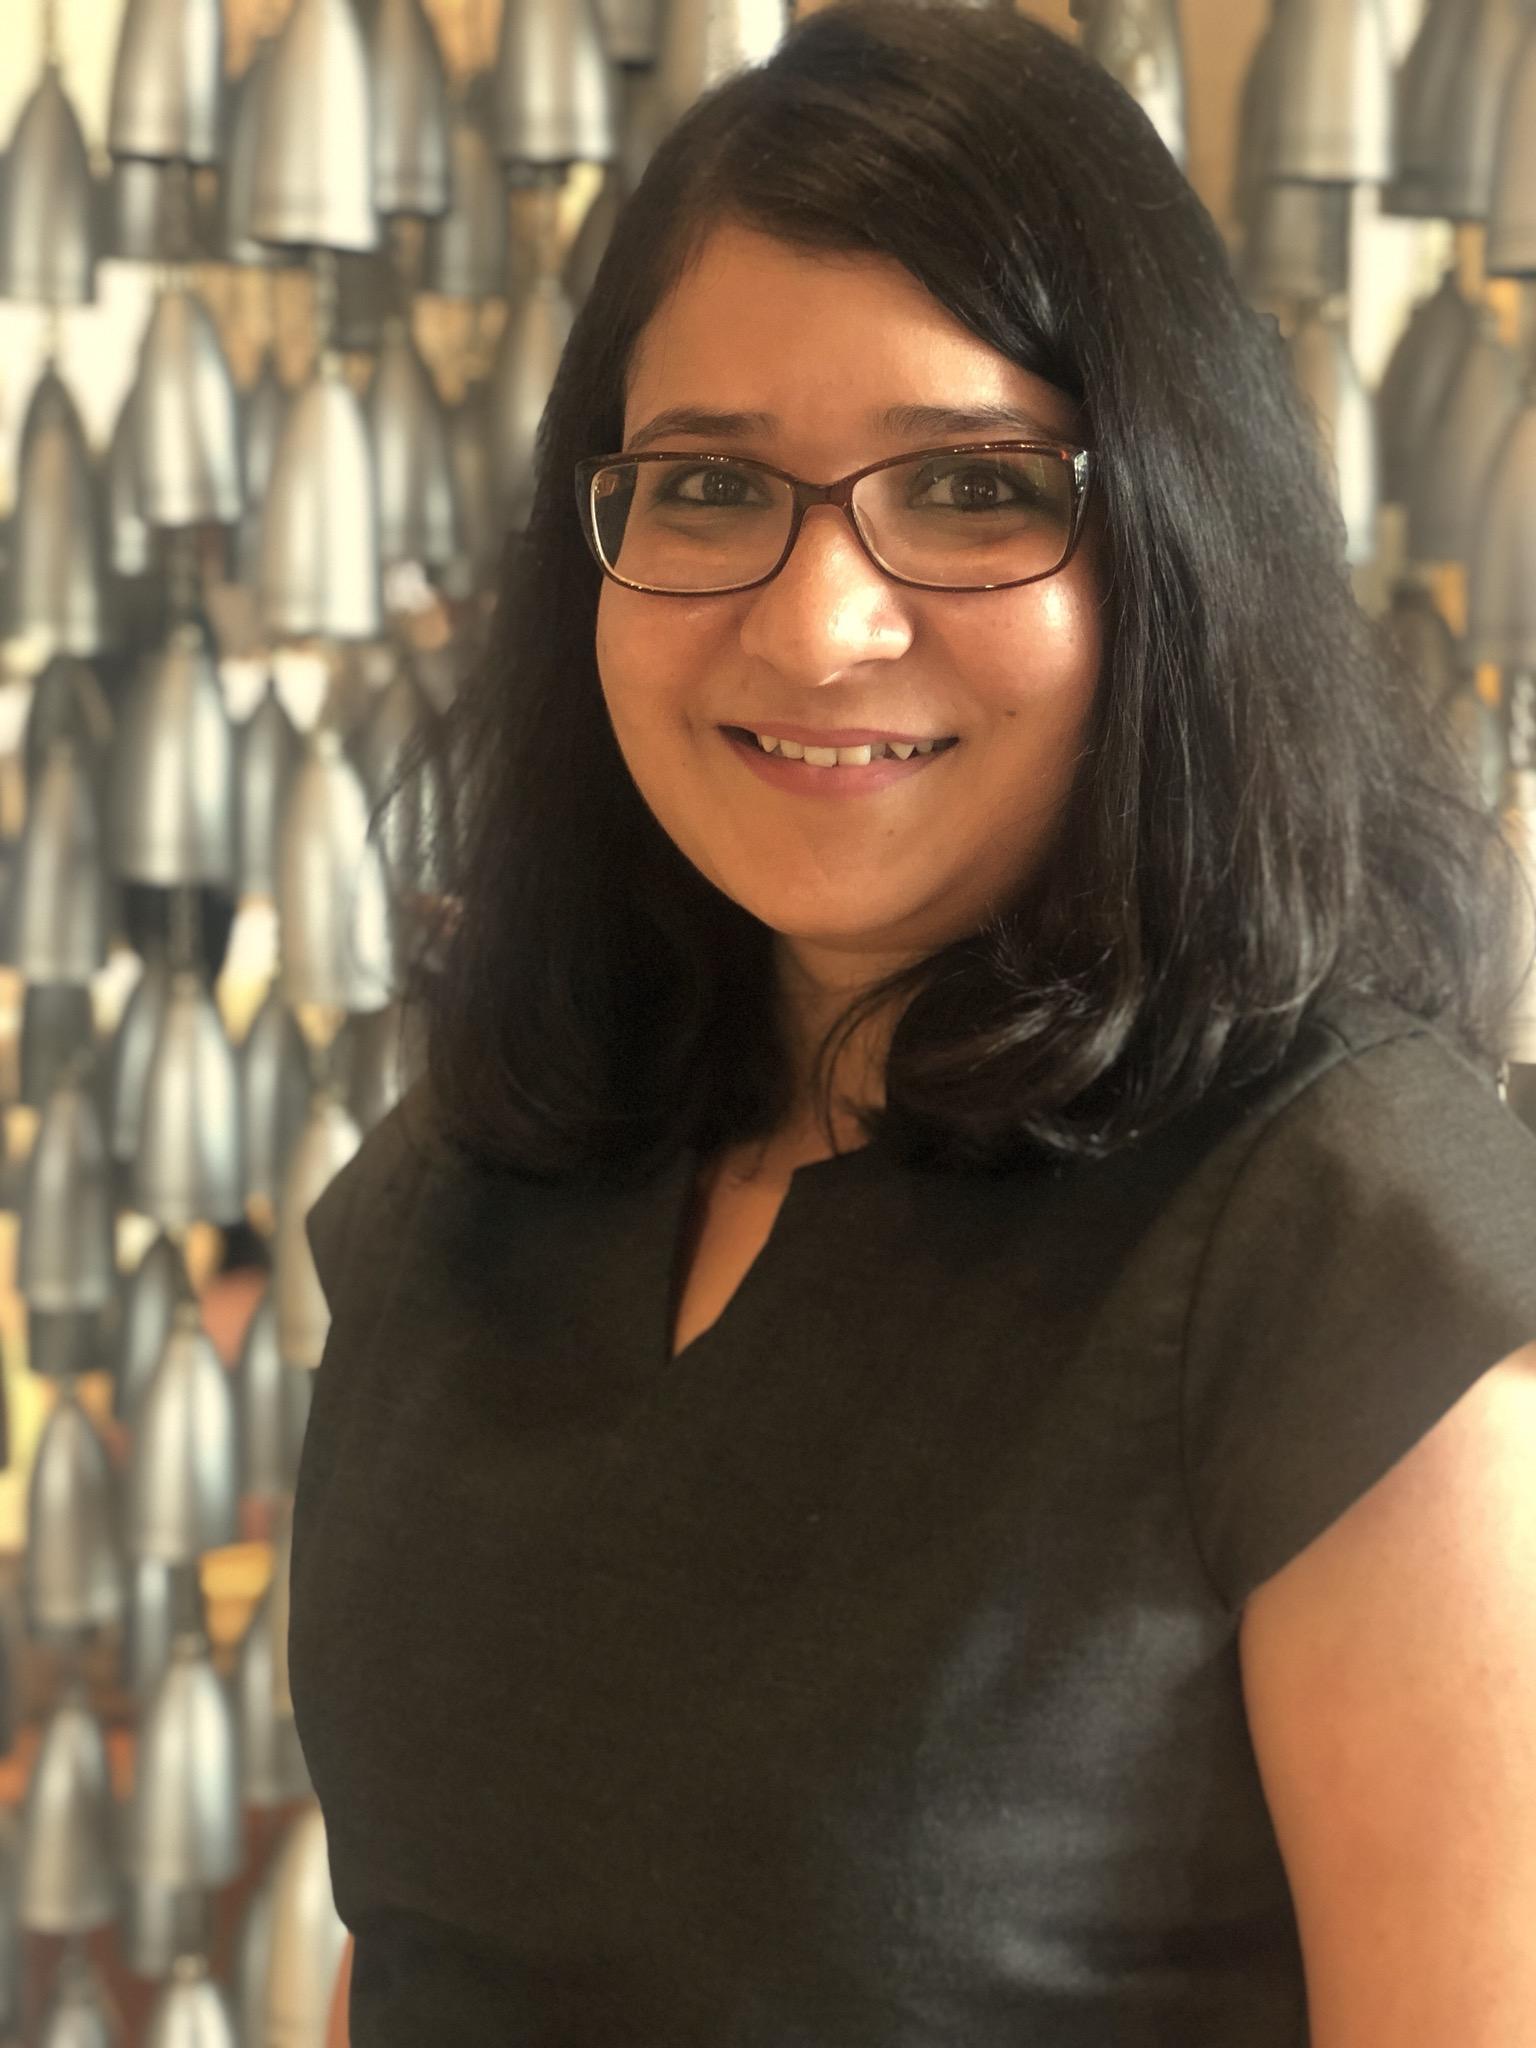 Pragya Upadhyay